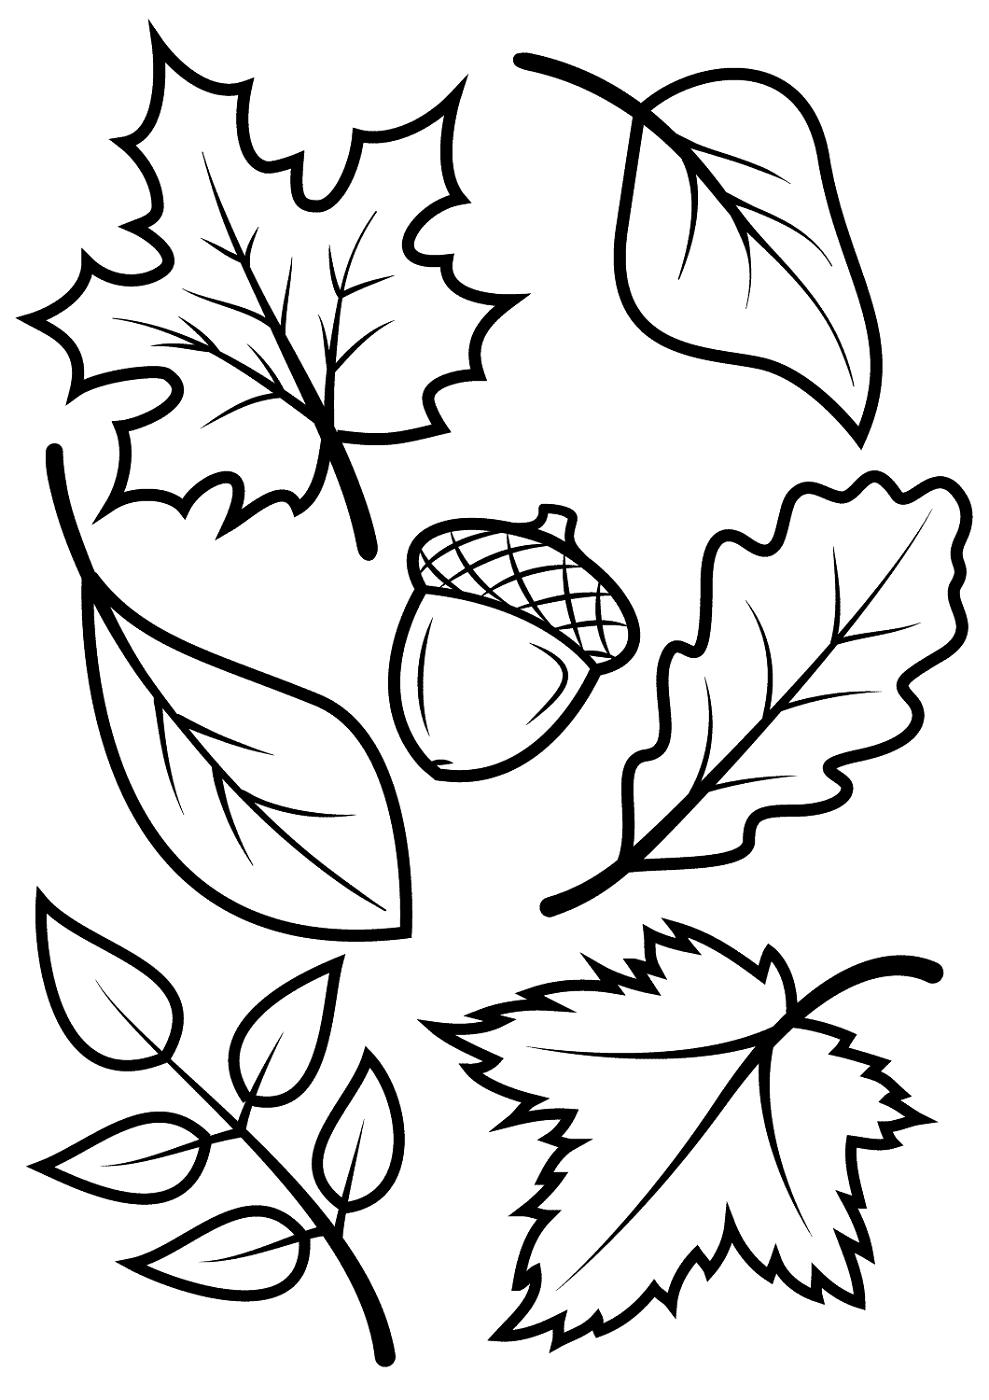 Leaf Coloring Darmowe Kolorowanki Kolorowanki Jesienne Dekoracje